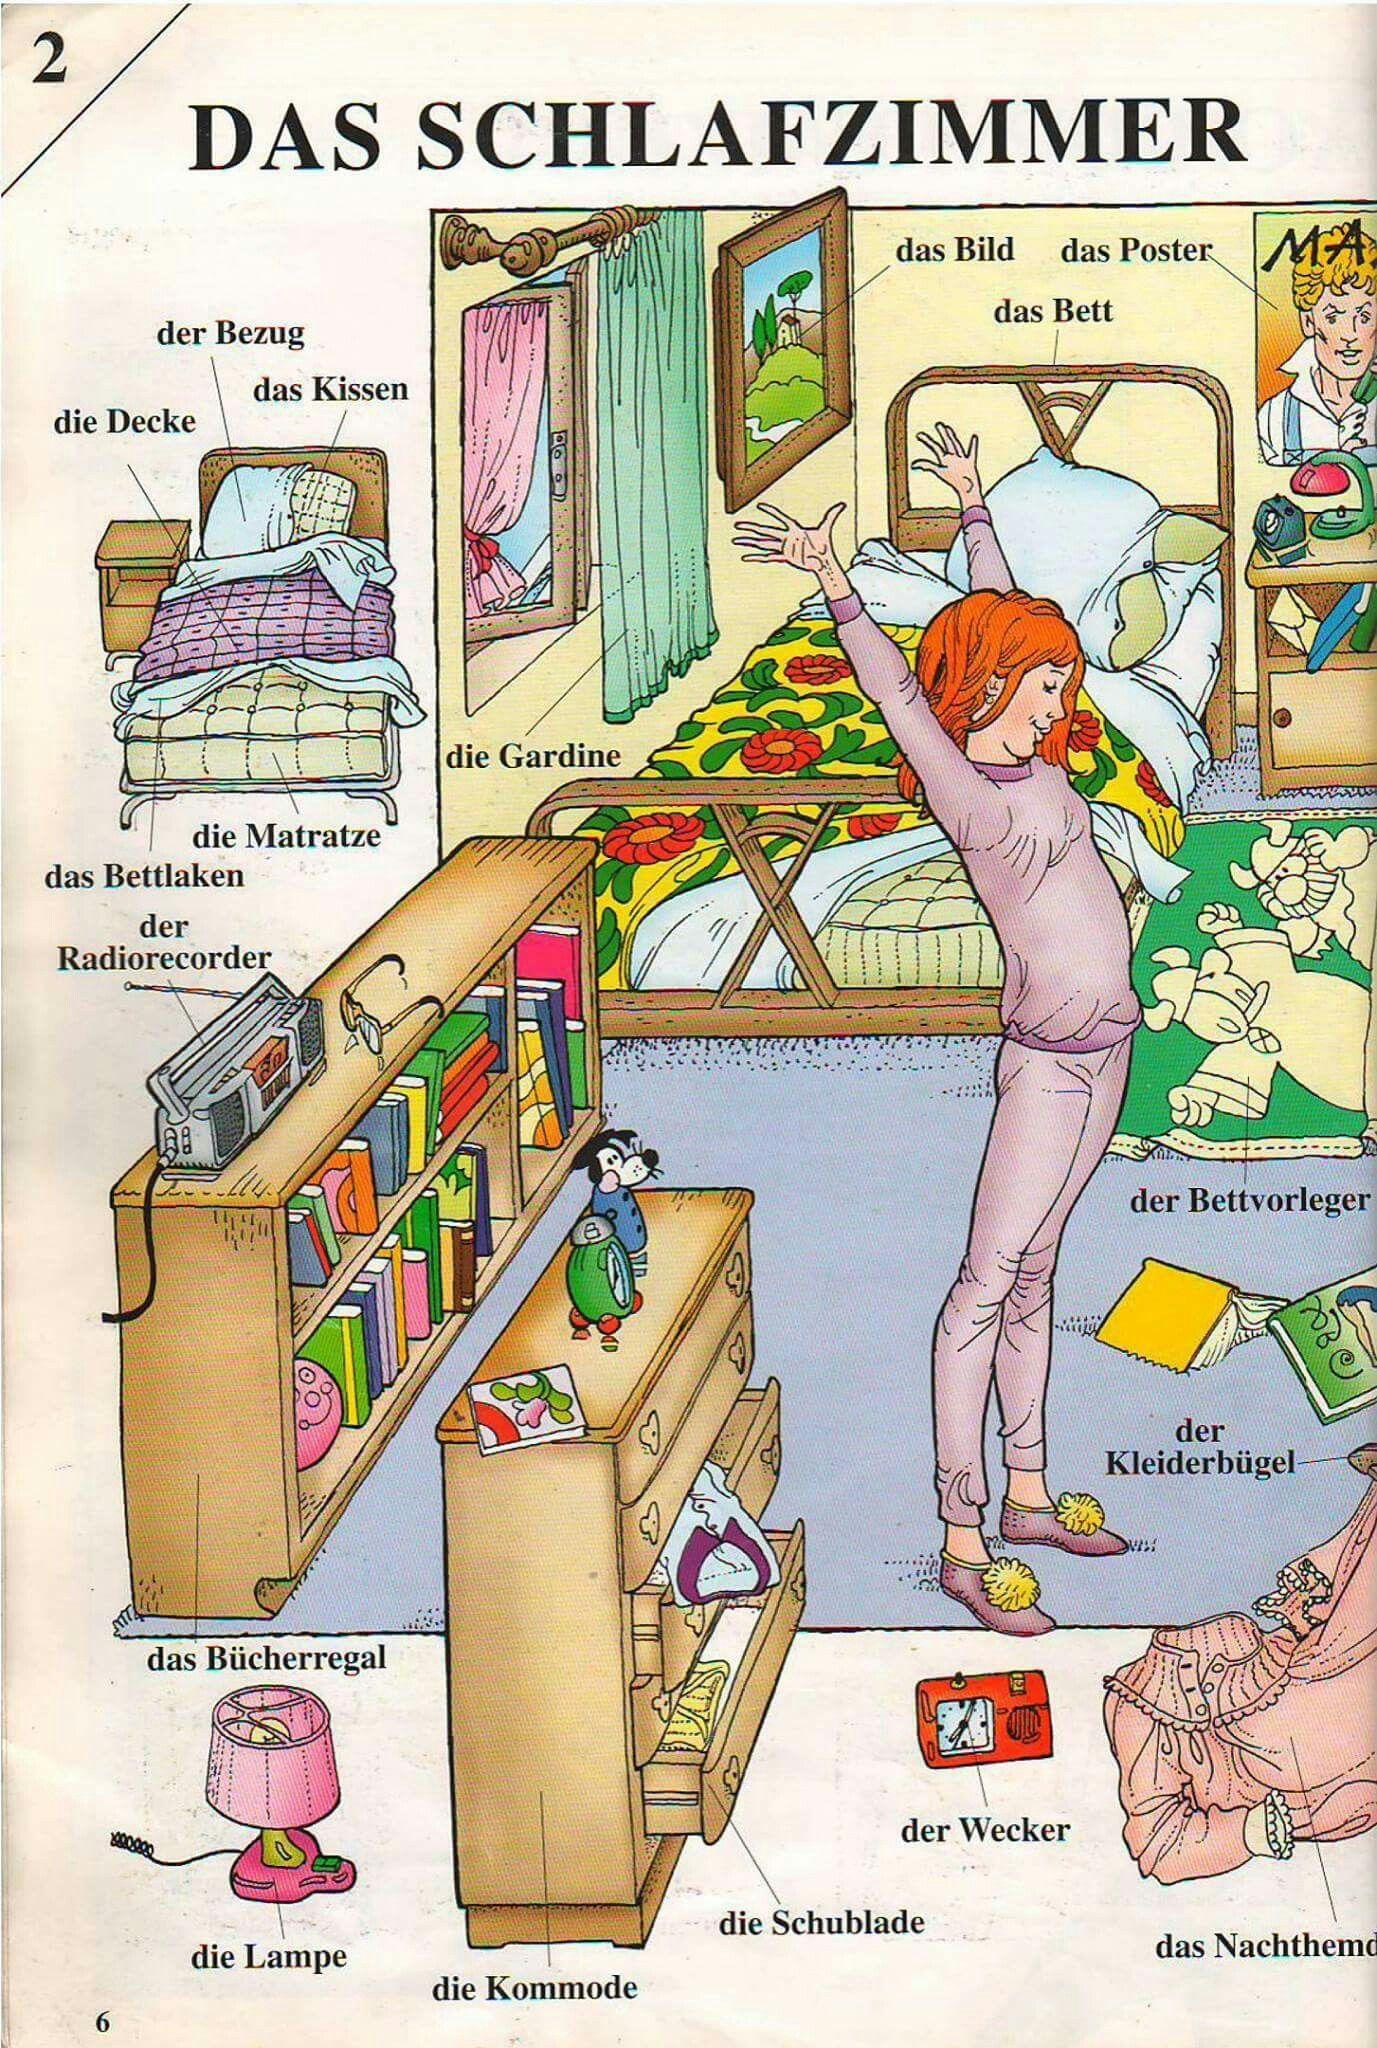 Das Schlafzimmer                                                                                                                                                                                 More